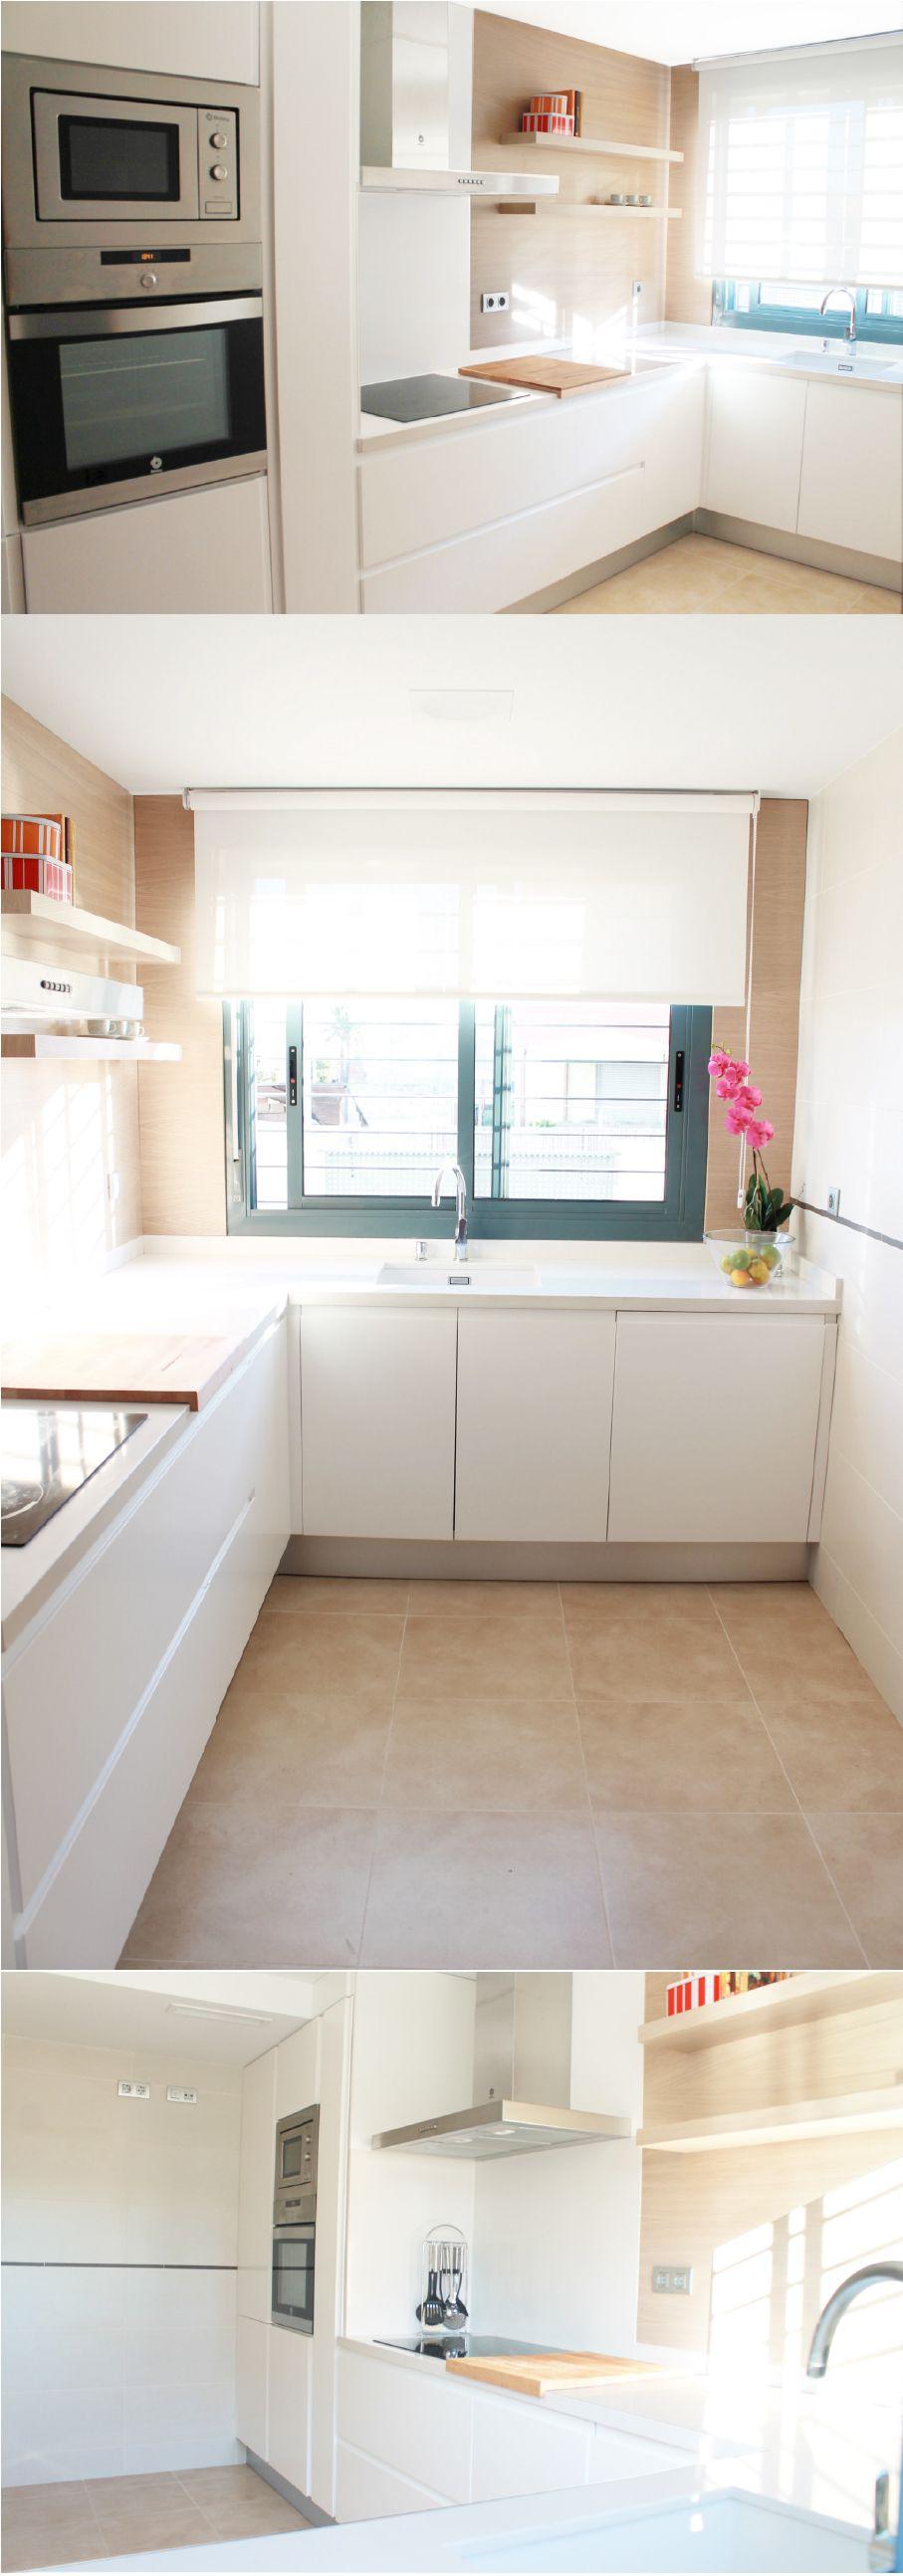 La-casa-de-Miguel-COCINA. Cocina en lacado blanco mate / Roble ...